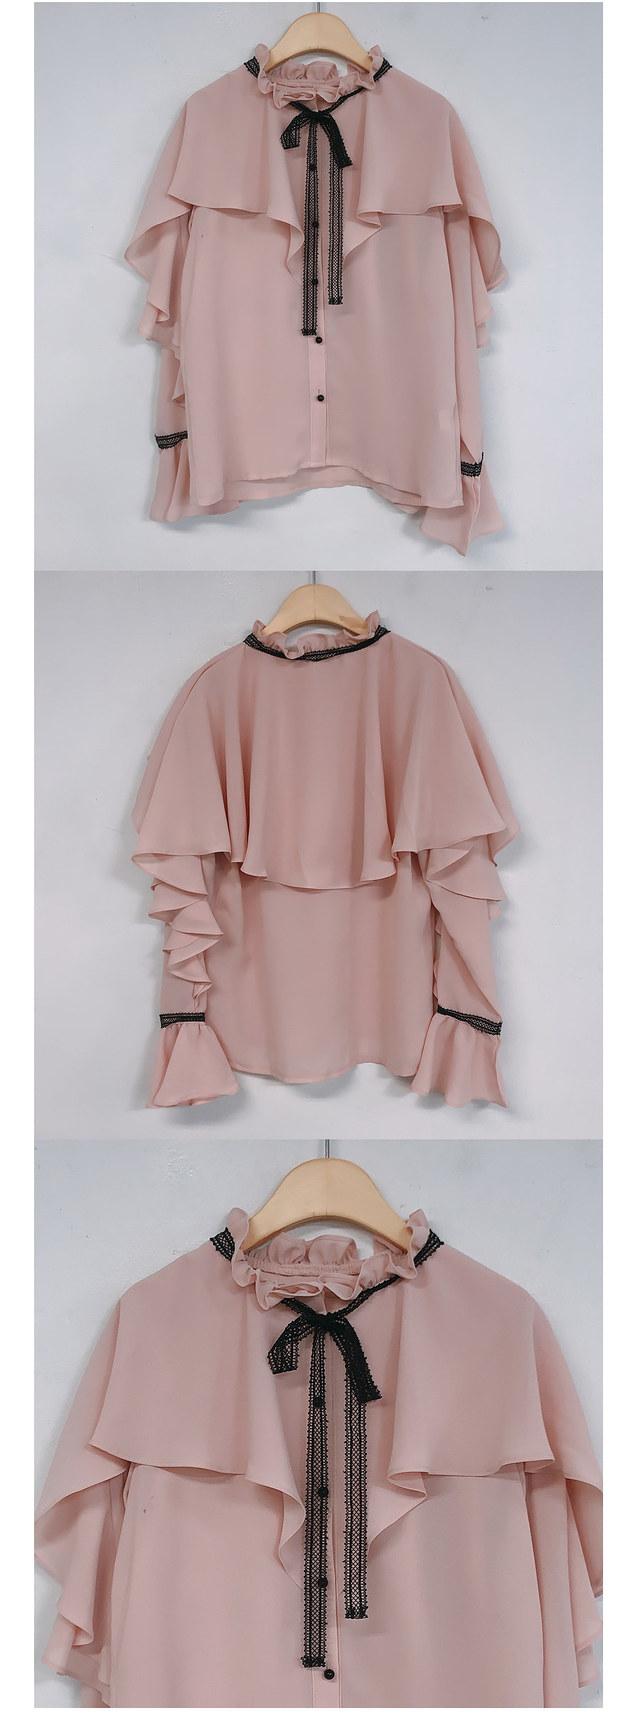 Viola lace ruffle blouse